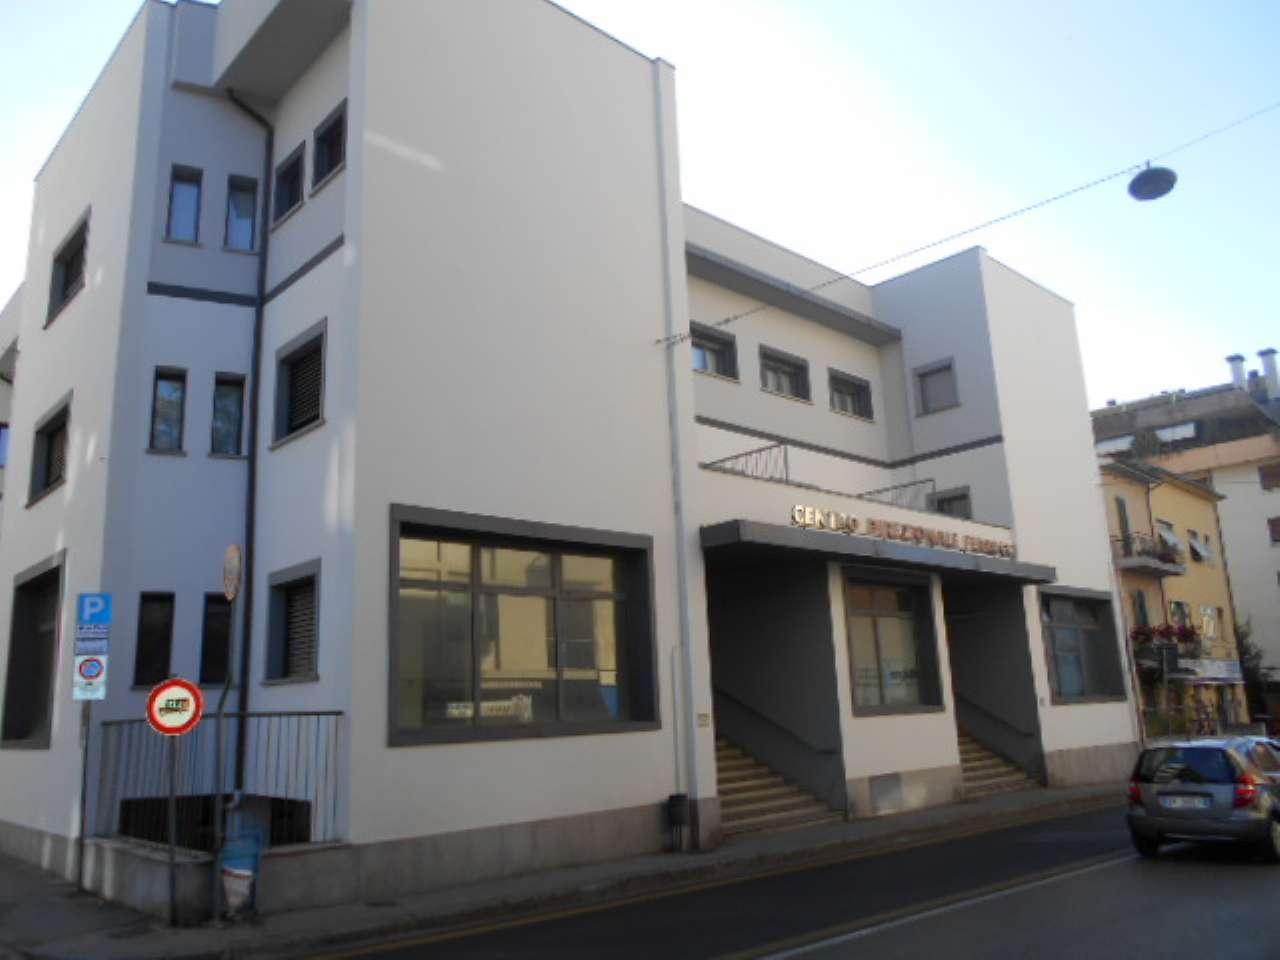 Ufficio con posto auto scoperto Rif. 8161080